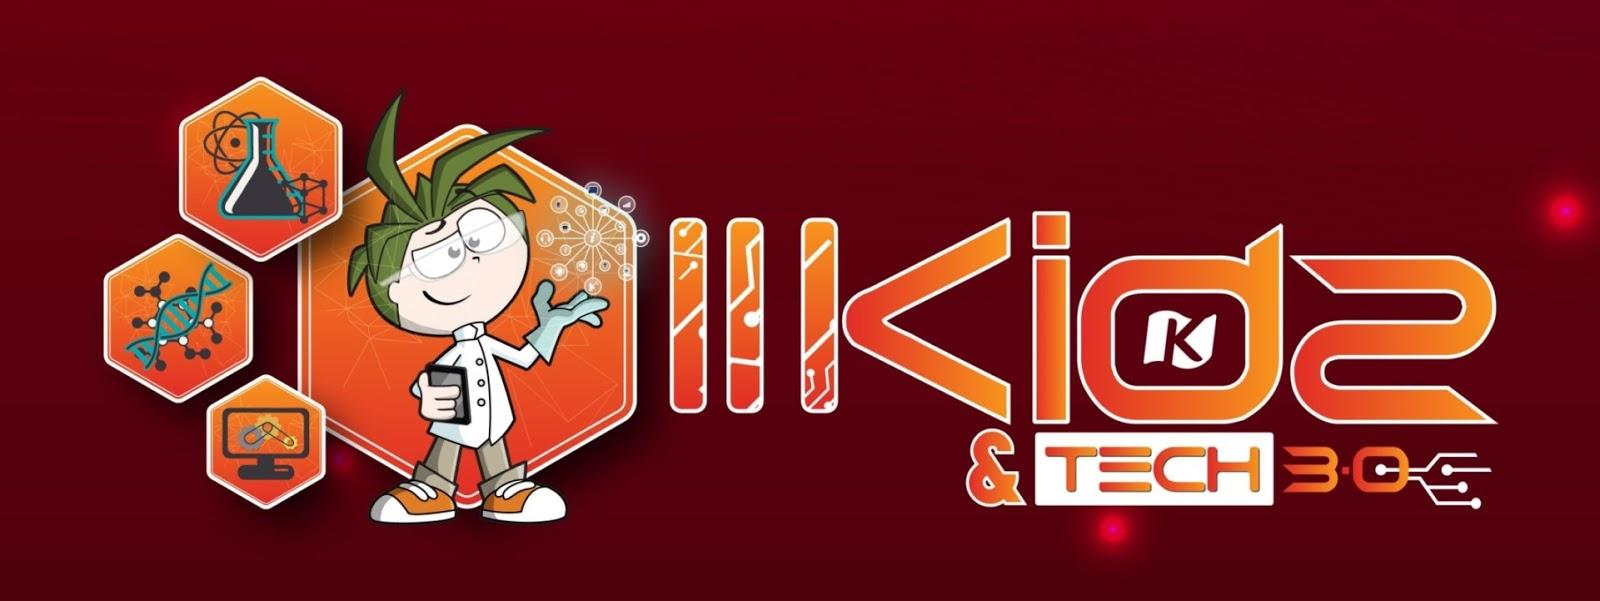 Kidz & Tech 3.0 di KidZania